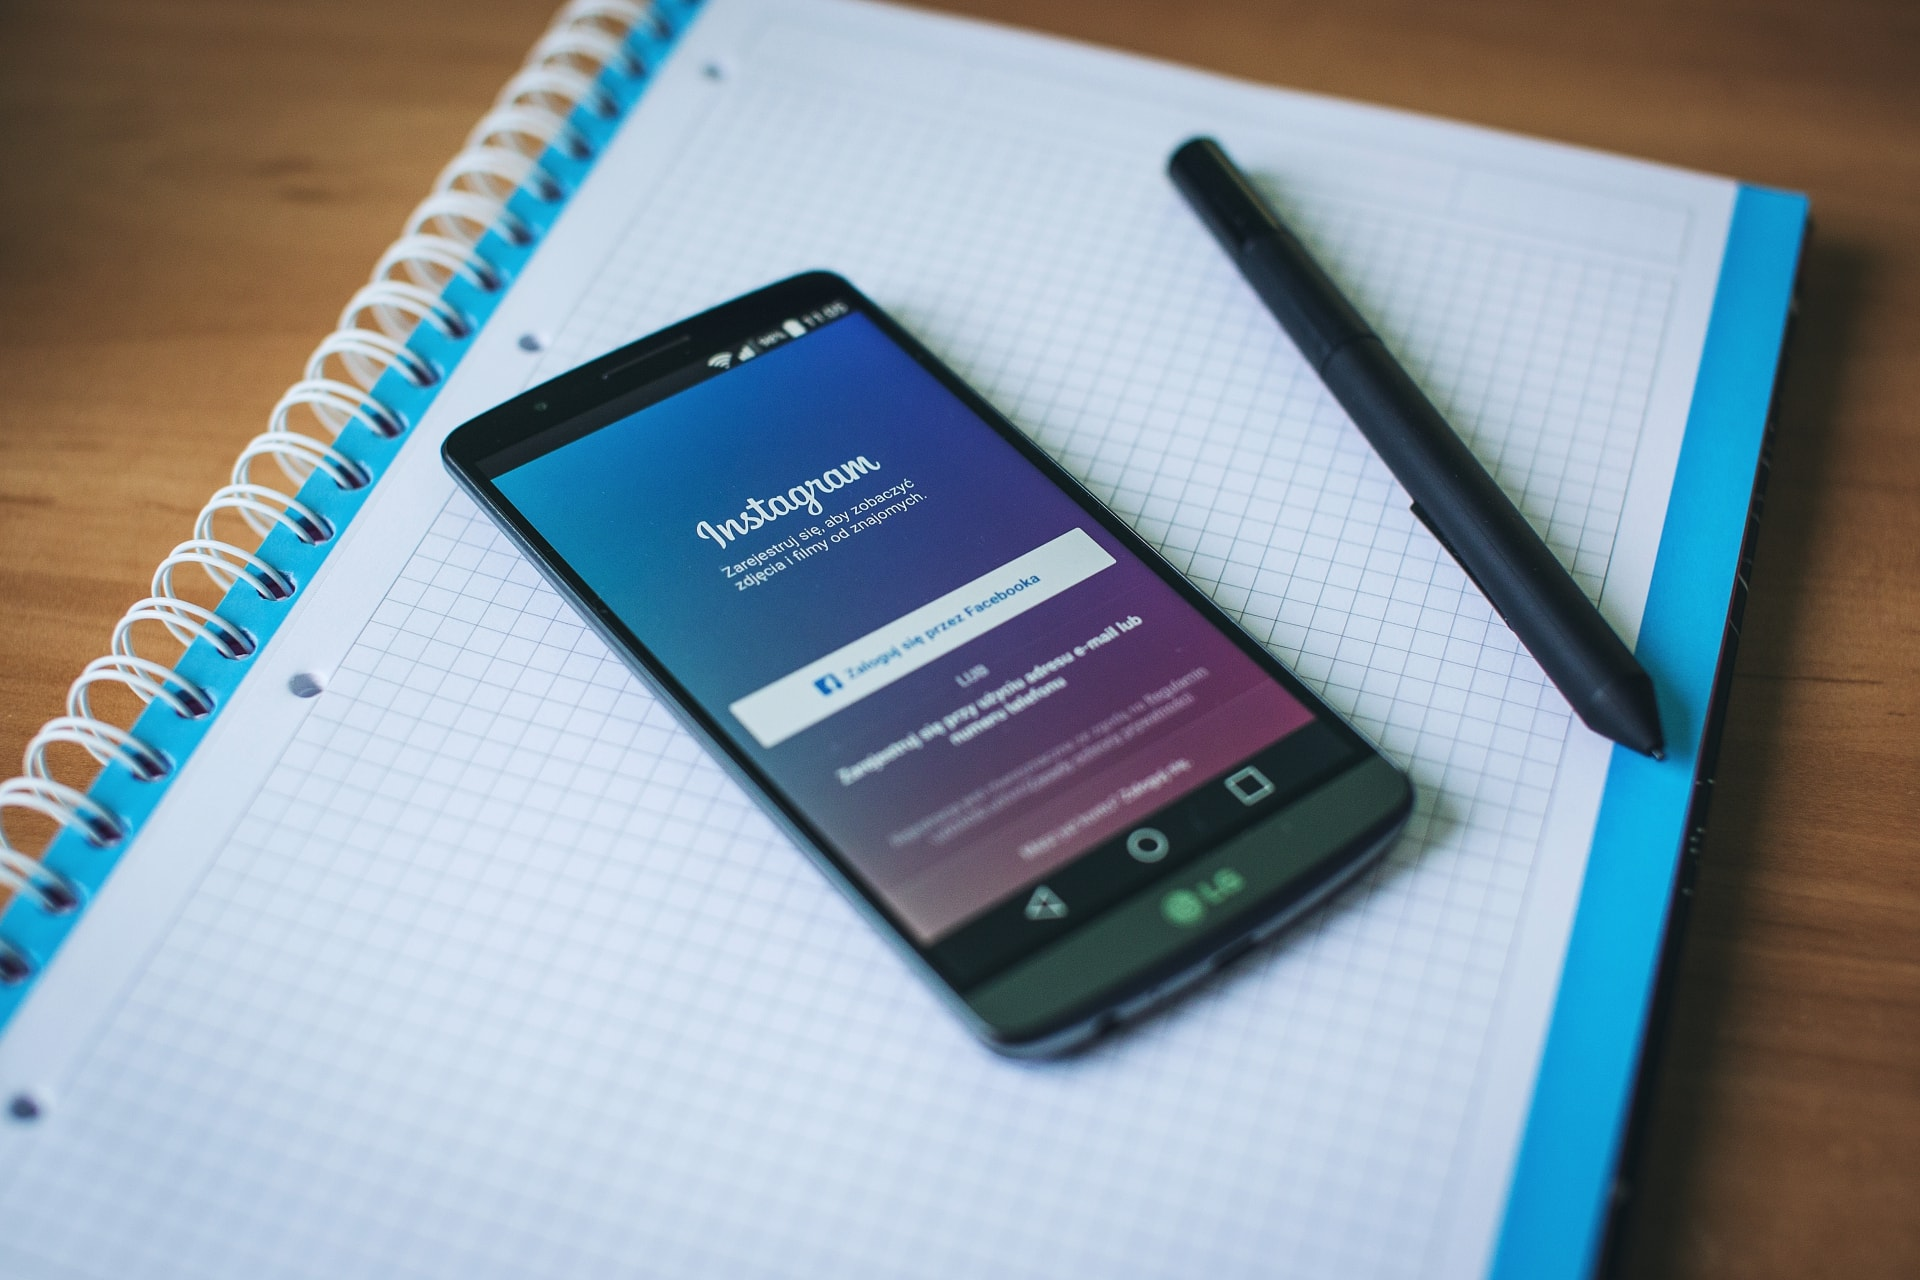 Social media marketing planning for nonprofit organizations